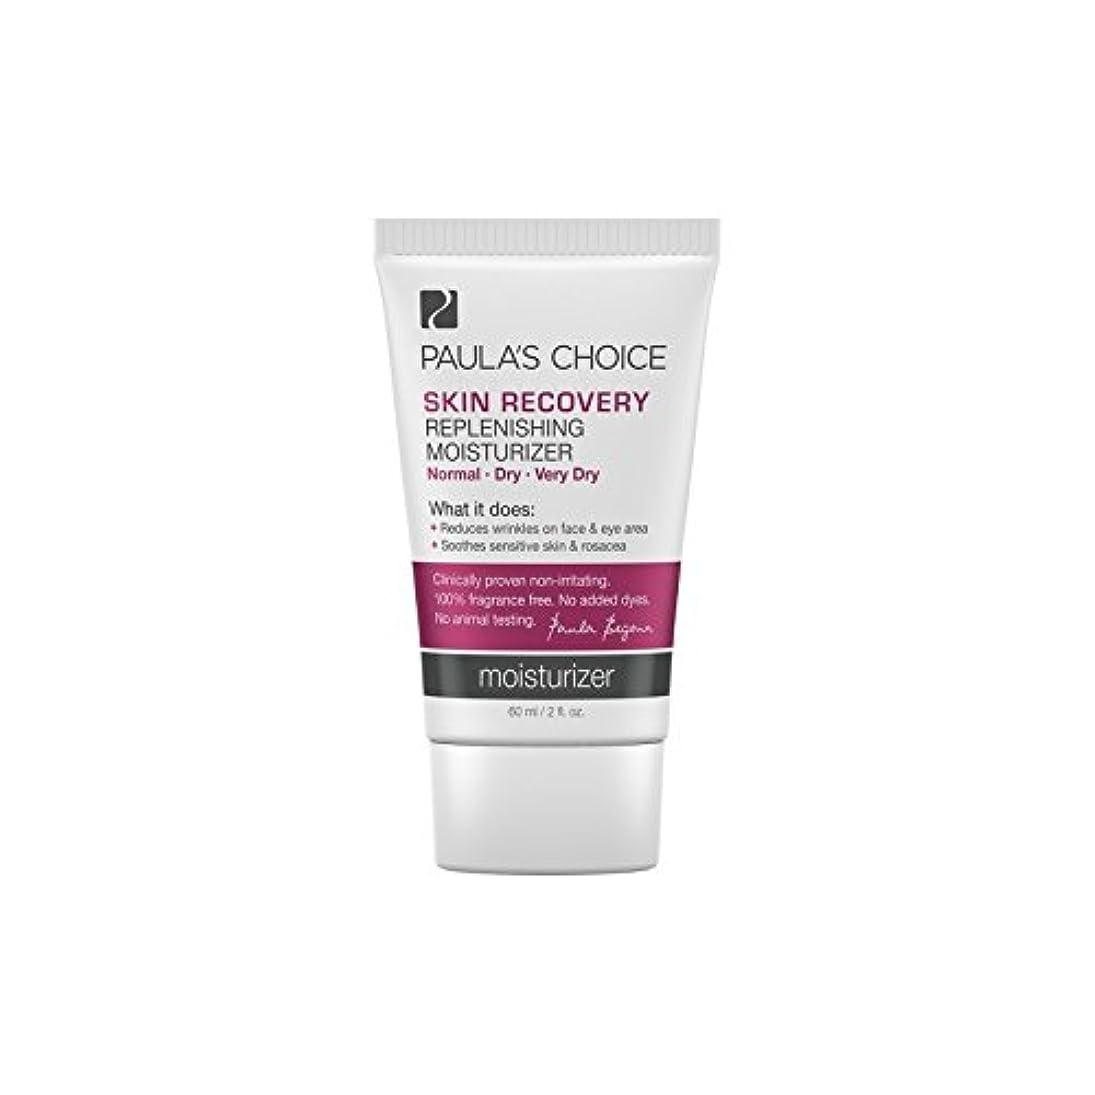 有効な会社バーターポーラチョイスの肌の回復補充保湿(60ミリリットル) x4 - Paula's Choice Skin Recovery Replenishing Moisturizer (60ml) (Pack of 4) [並行輸入品]